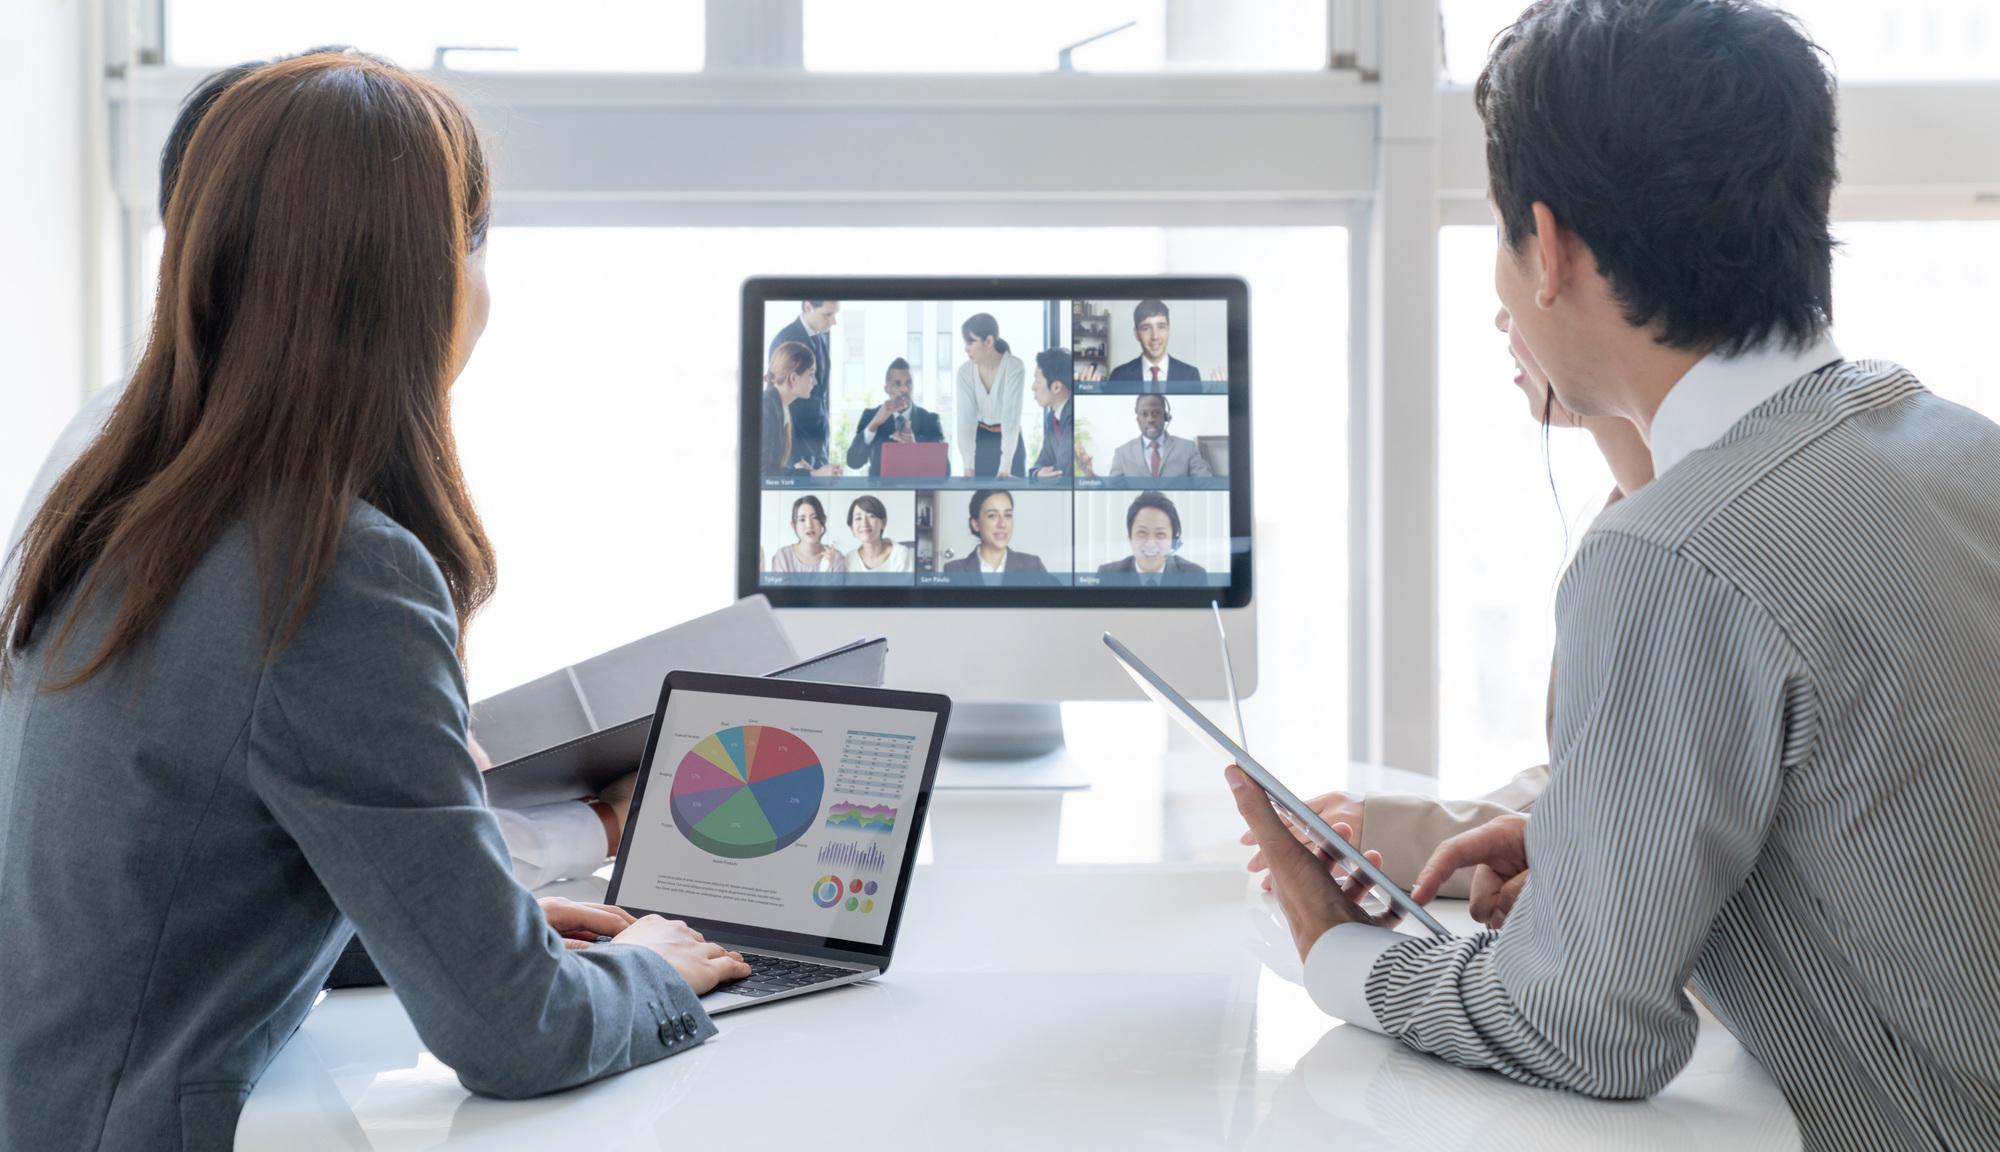 06_テレビ会議はSkypeが良いの?Skypeの便利な機能をチェック